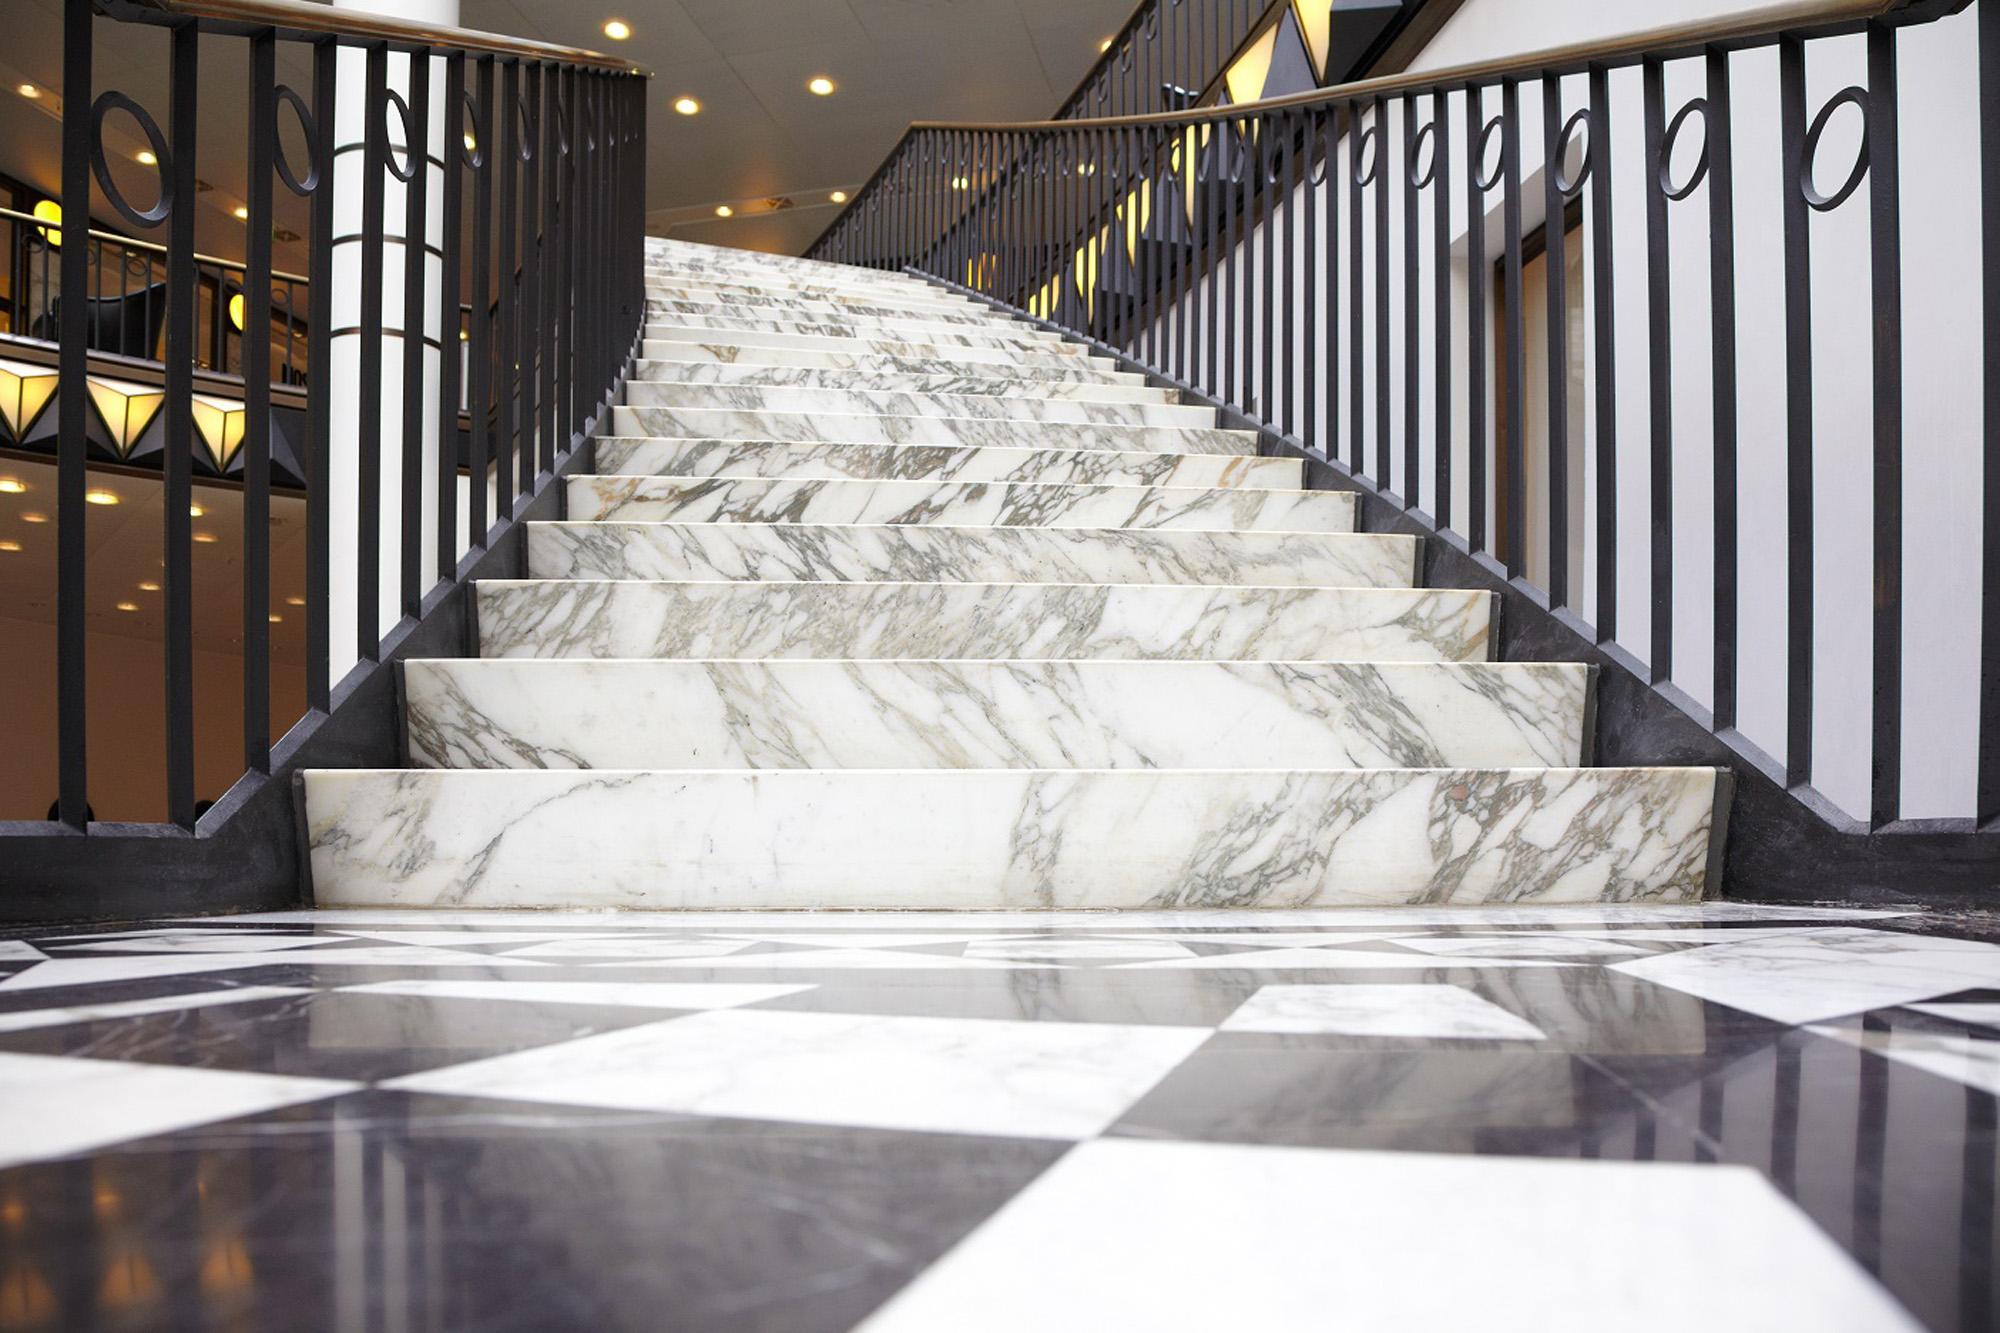 Escalier en marbre blanc